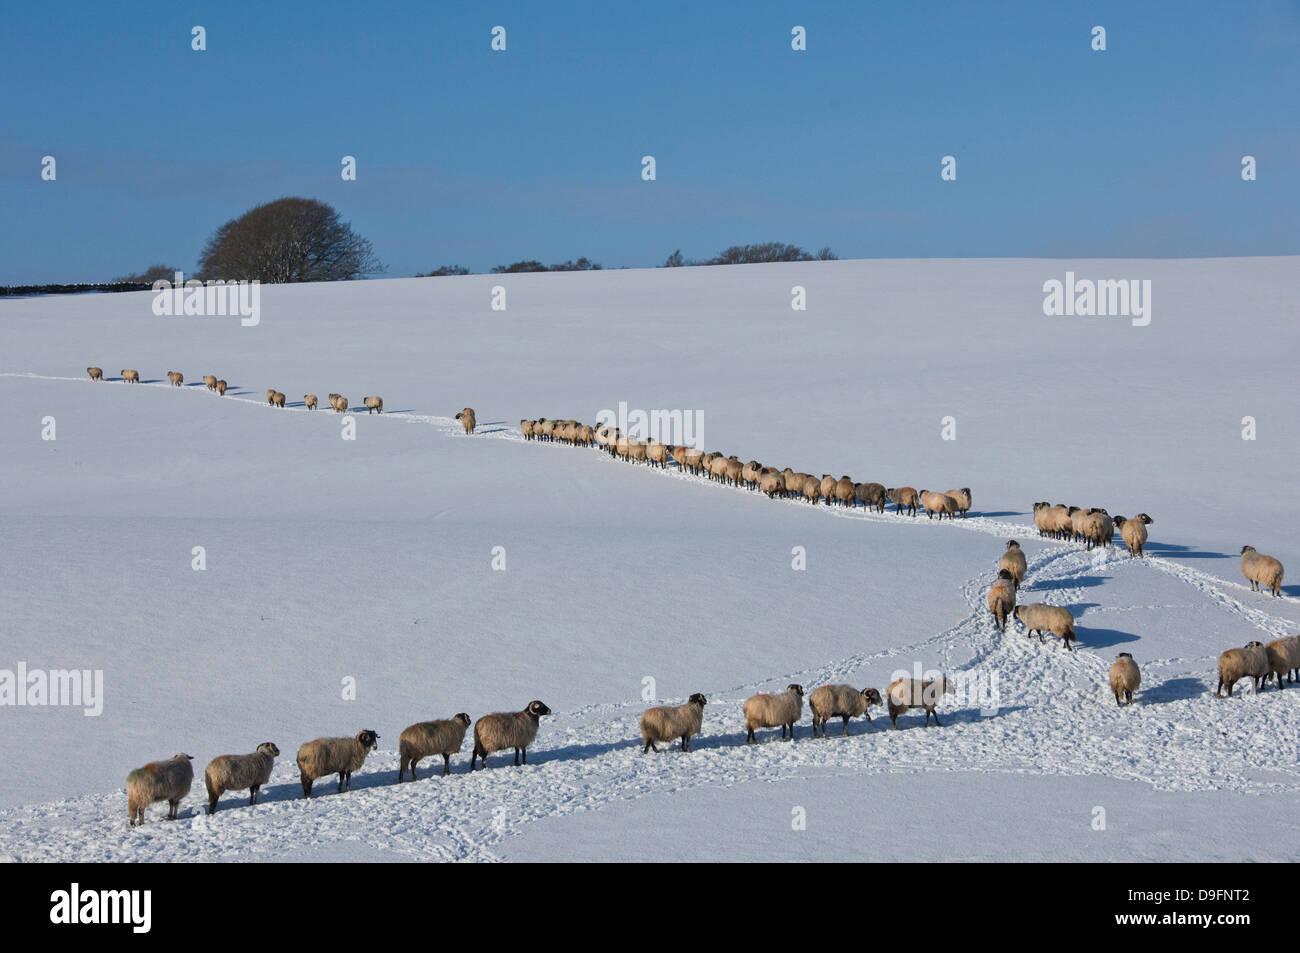 Un file di pecore attraverso la neve, abbassare Pennines, Eden Valley, Cumbria, England, Regno Unito Immagini Stock